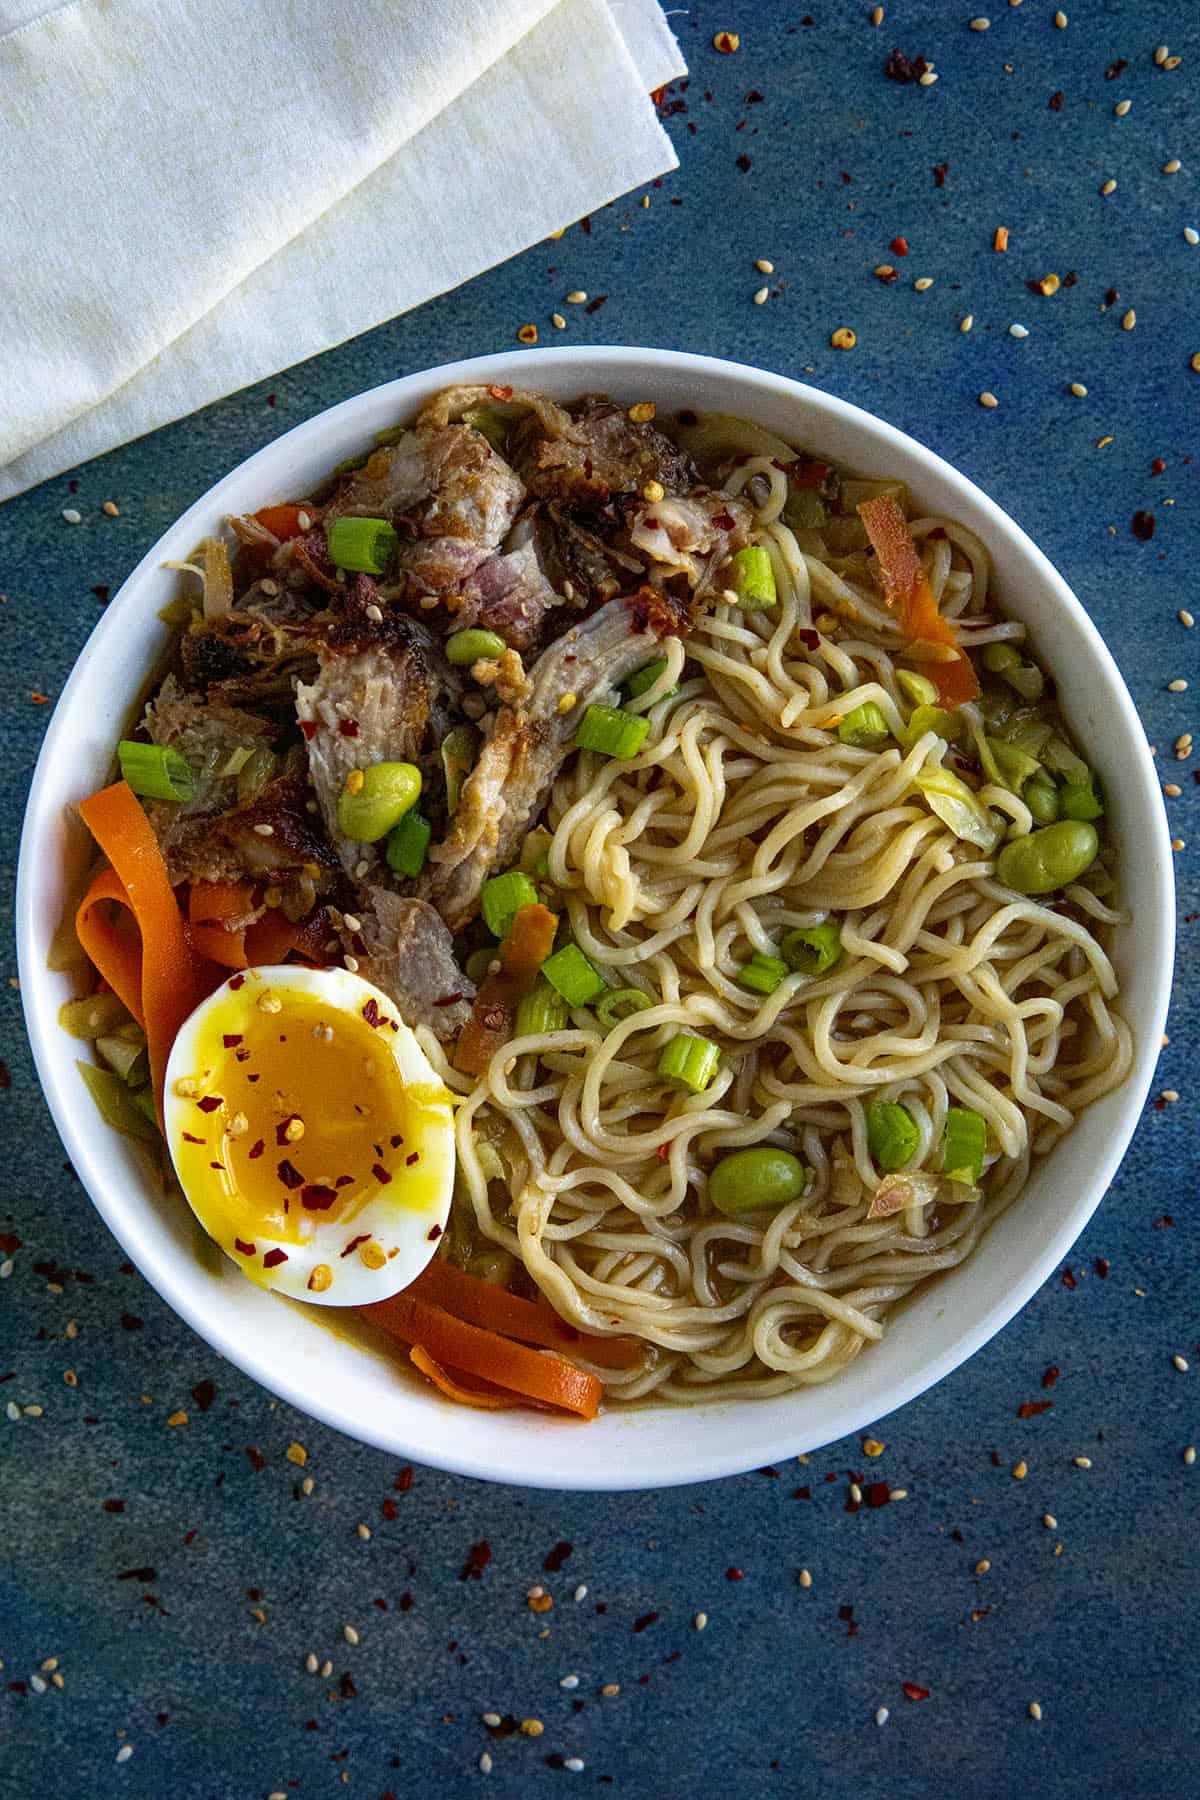 Miso Ramen in a bowl